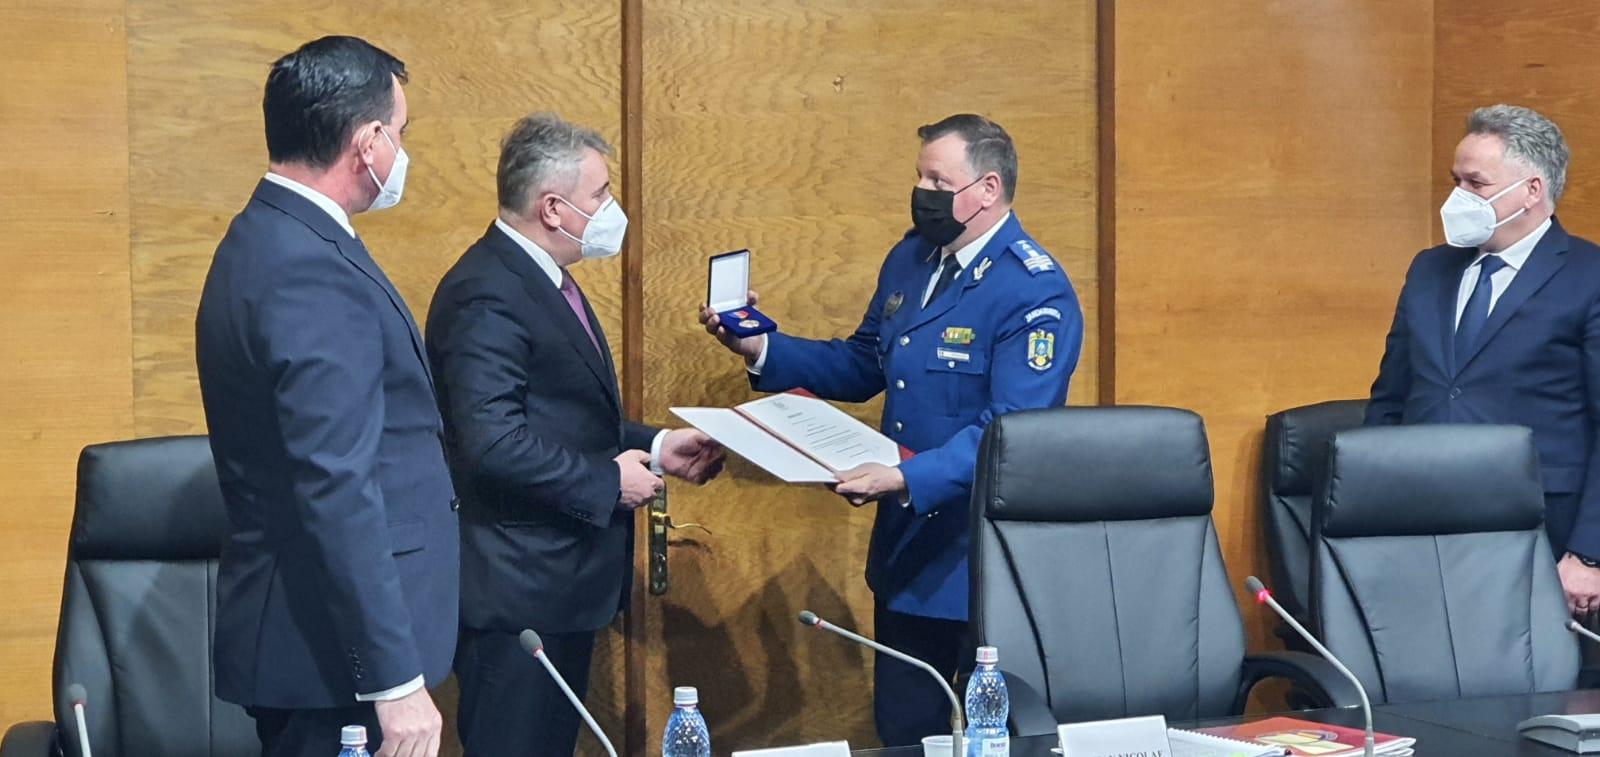 FOTO | Distincție acordată de ministrul MAI fostului comandant al IJJ Botoșani